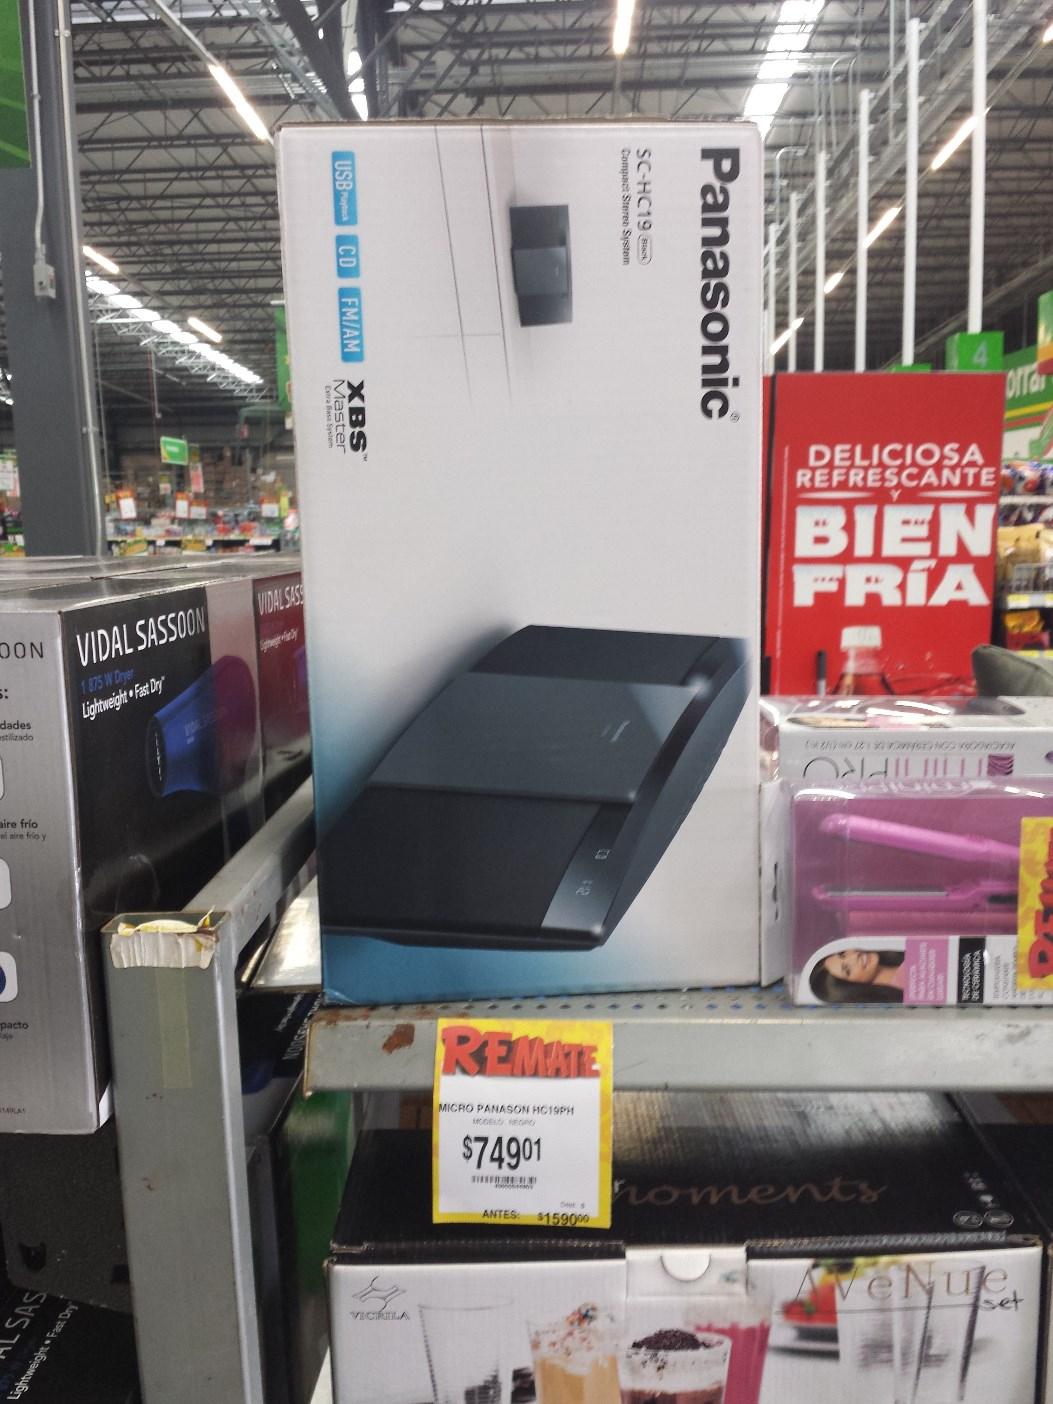 Bodega Aurrerá: Micro componente Panasonic SC-HC19 de $1590 a $749